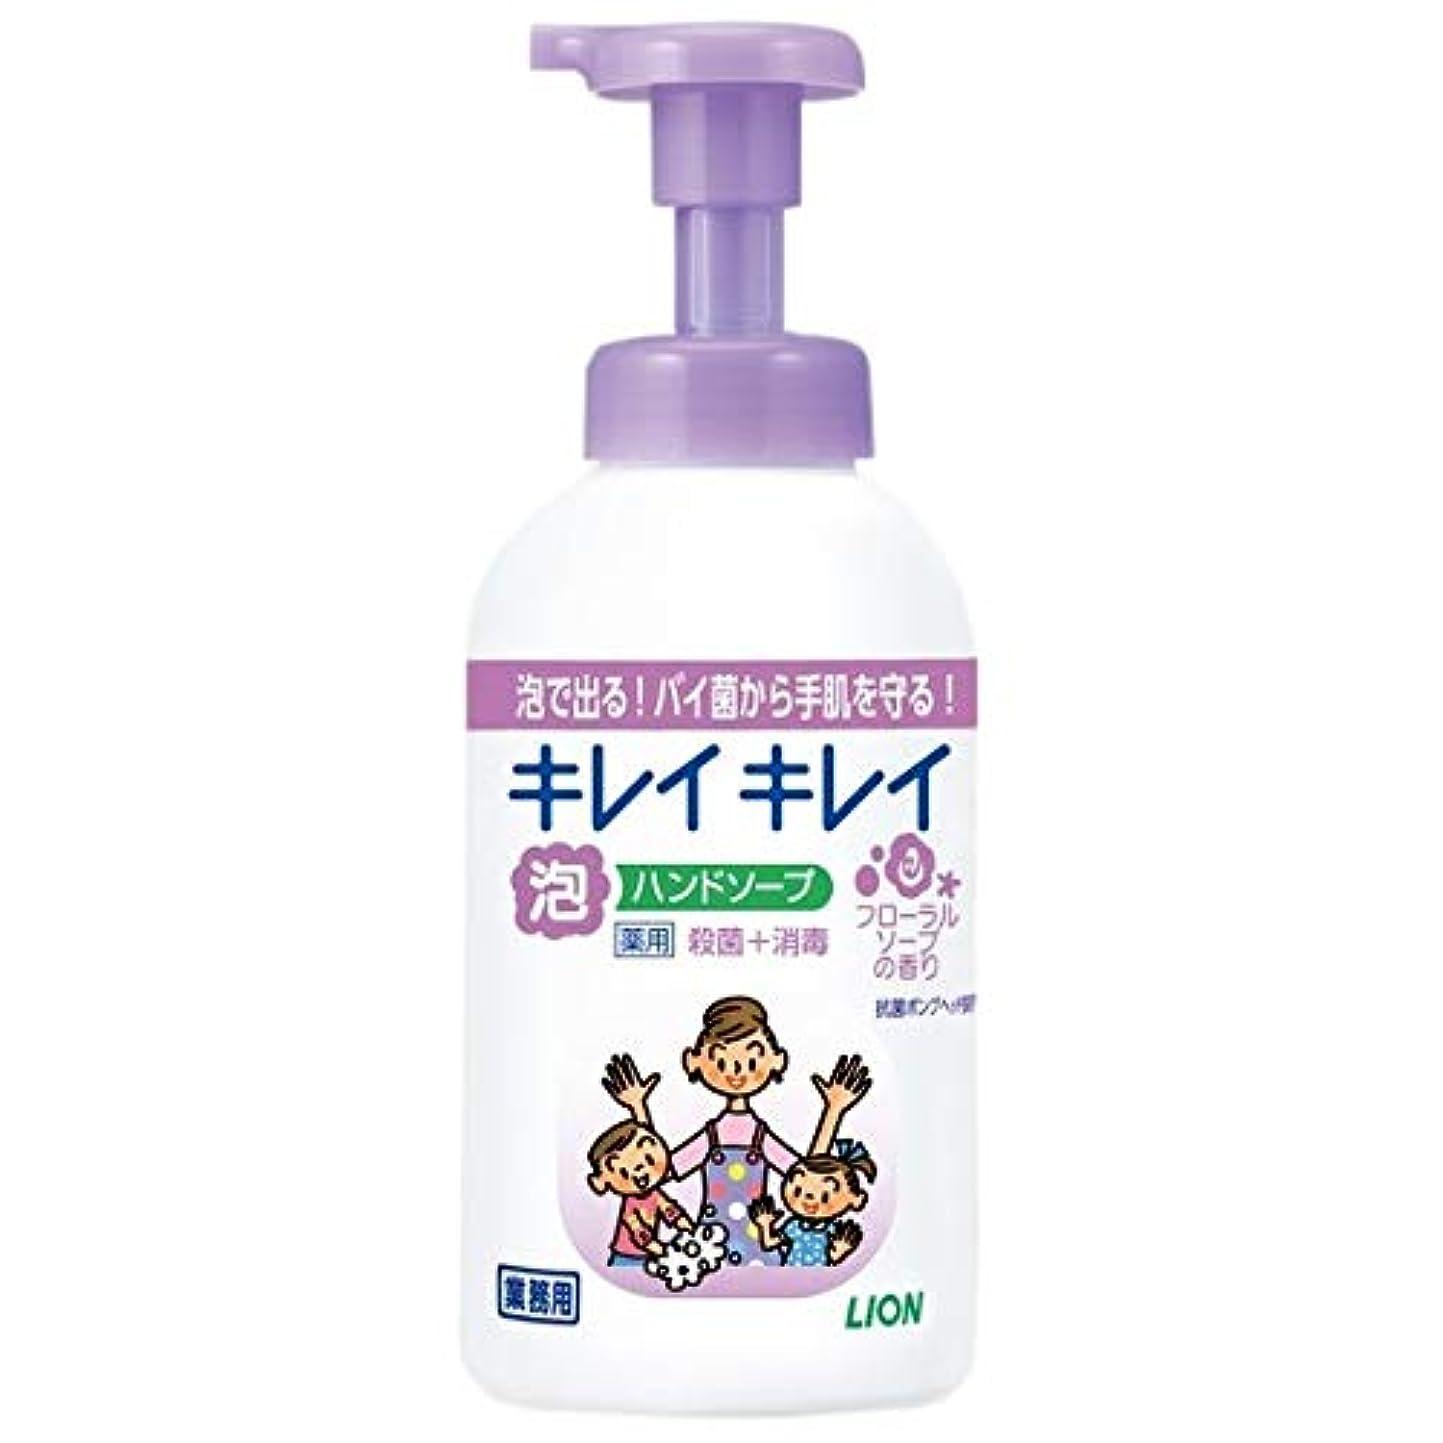 マスク連鎖要求するライオン キレイキレイ 薬用泡ハンドソープ フローラルソープの香り 業務用 550ml 1セット(12本)